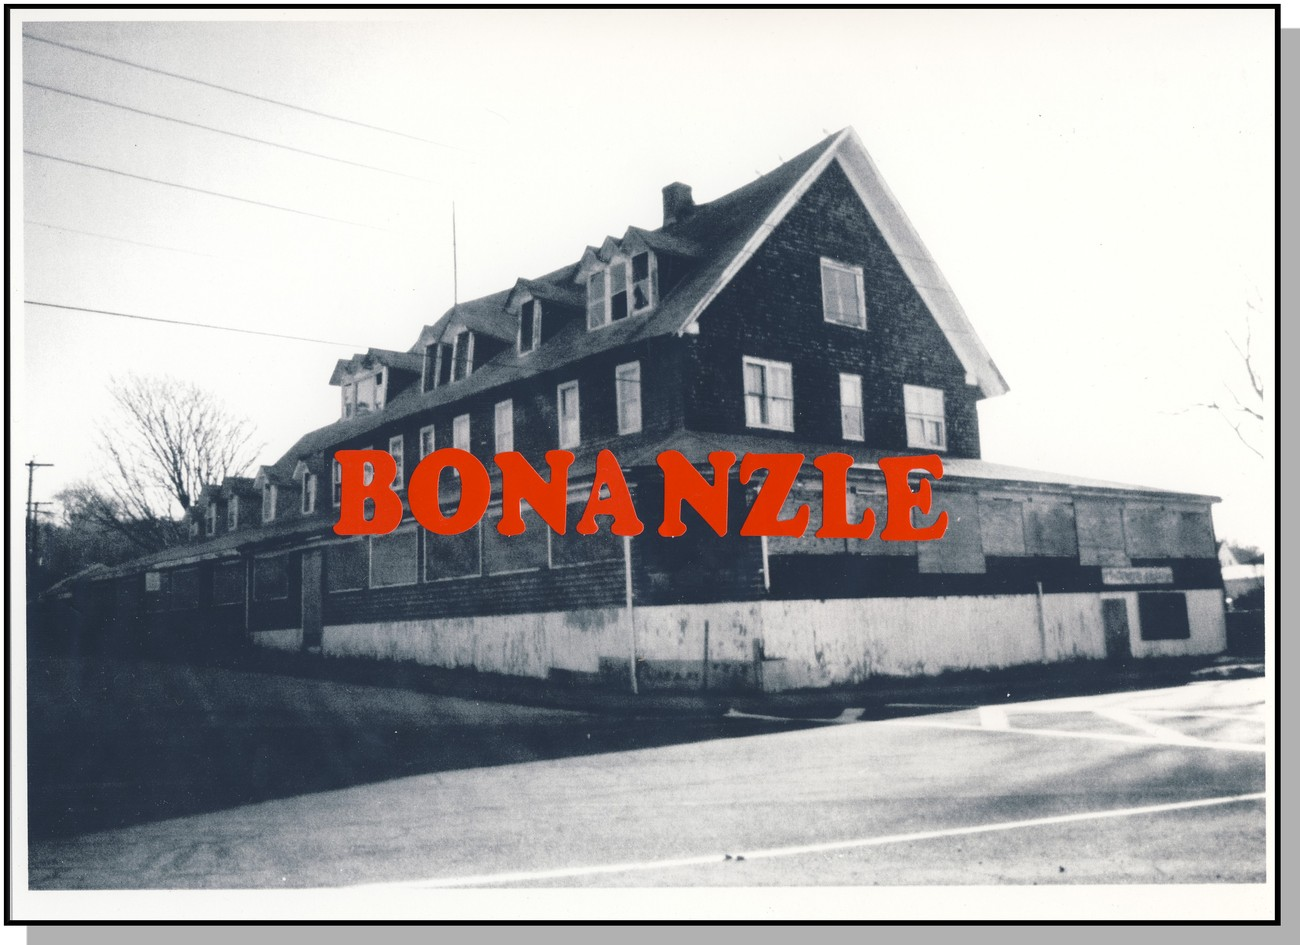 Stone bridge bonanzle 1